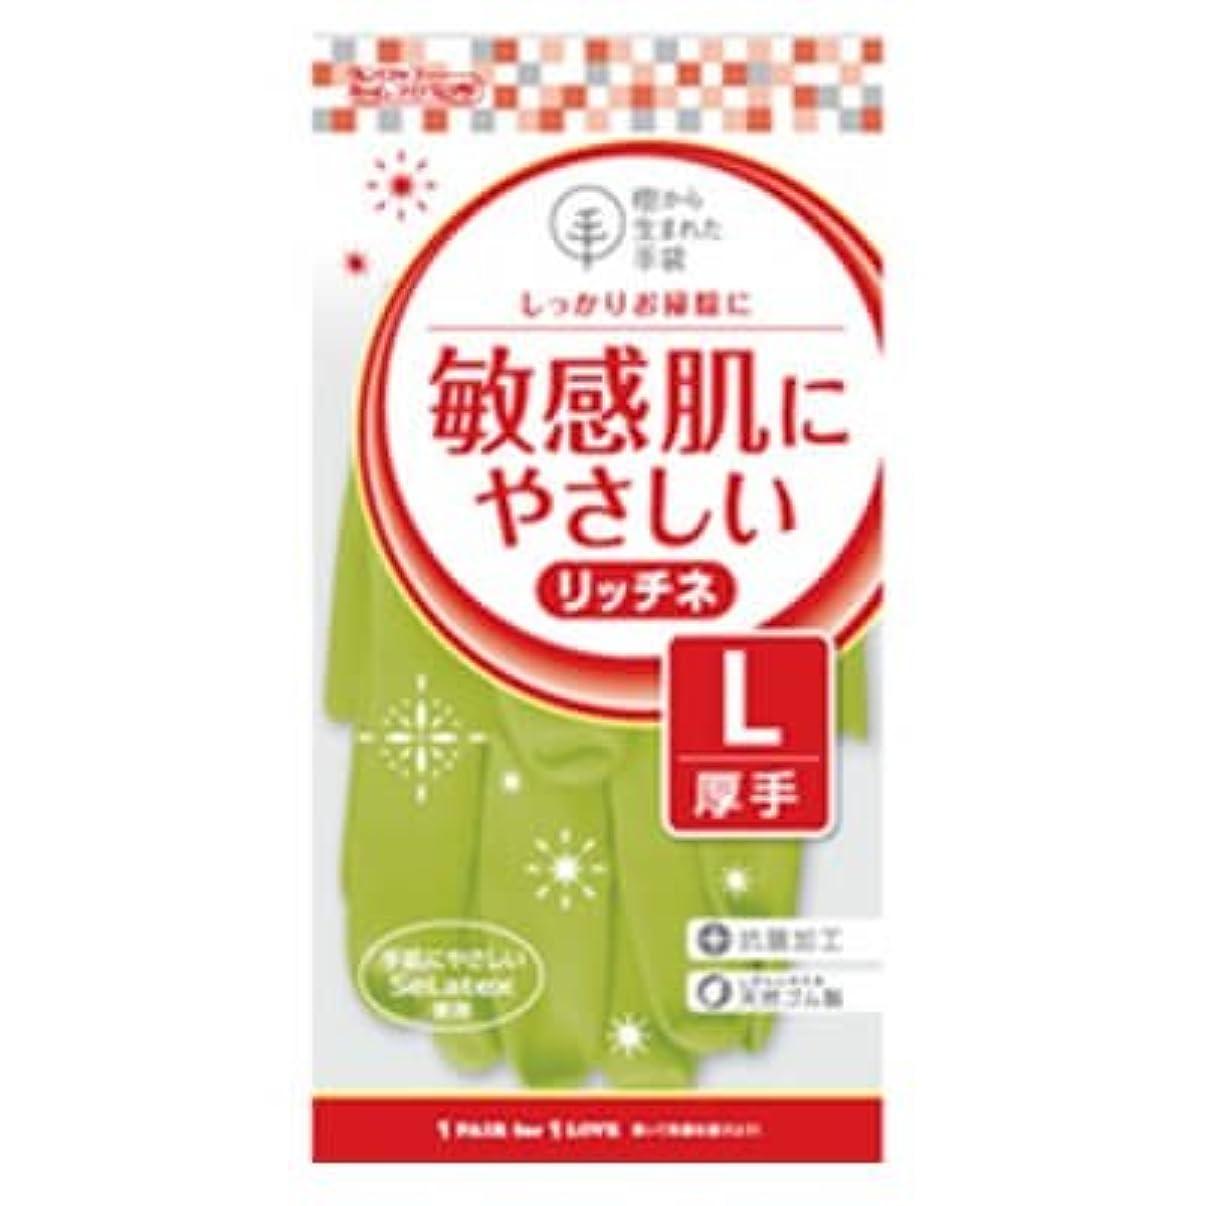 シフト足首完璧な【ケース販売】 ダンロップ 敏感肌にやさしい リッチネ 厚手 L グリーン (10双×12袋)